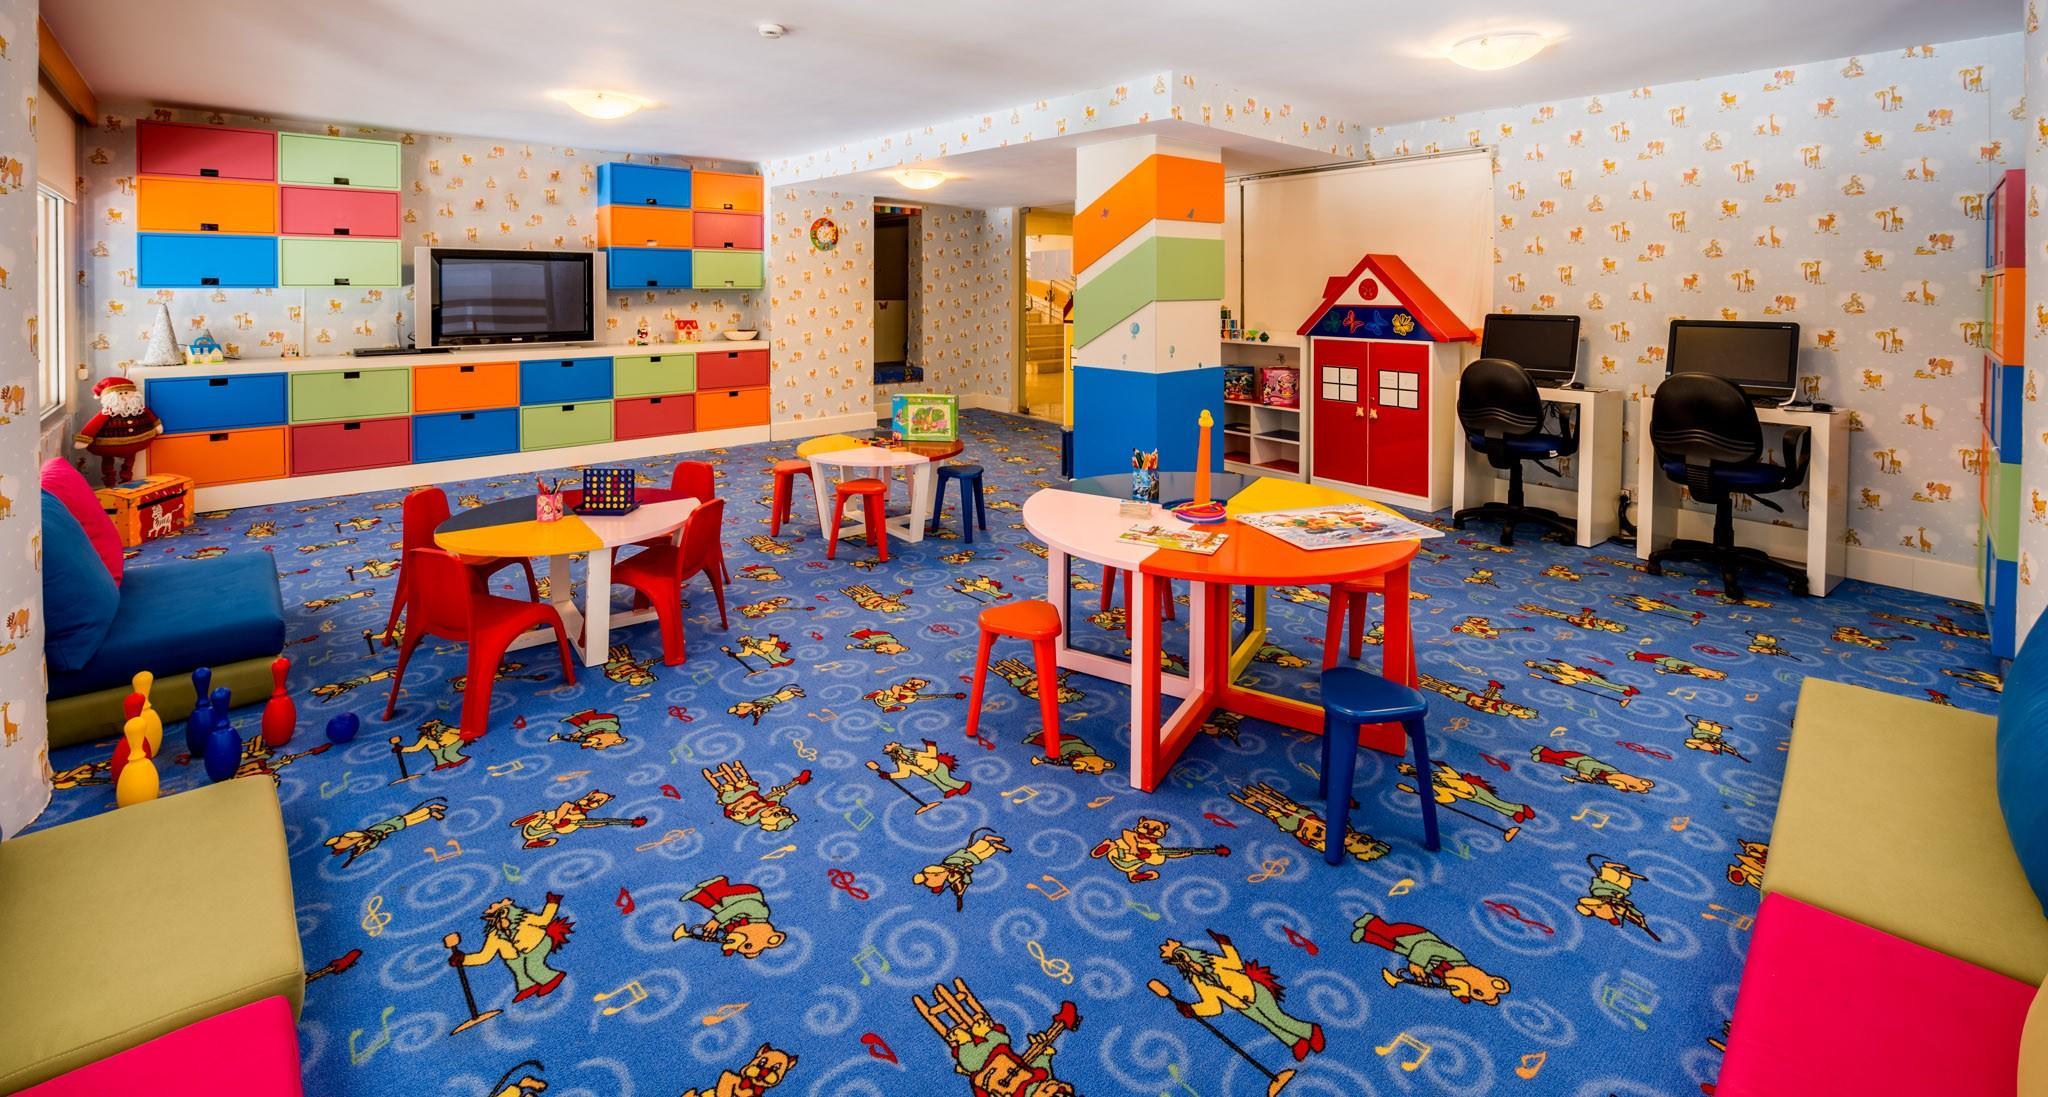 Vuni Palace Hotel205195